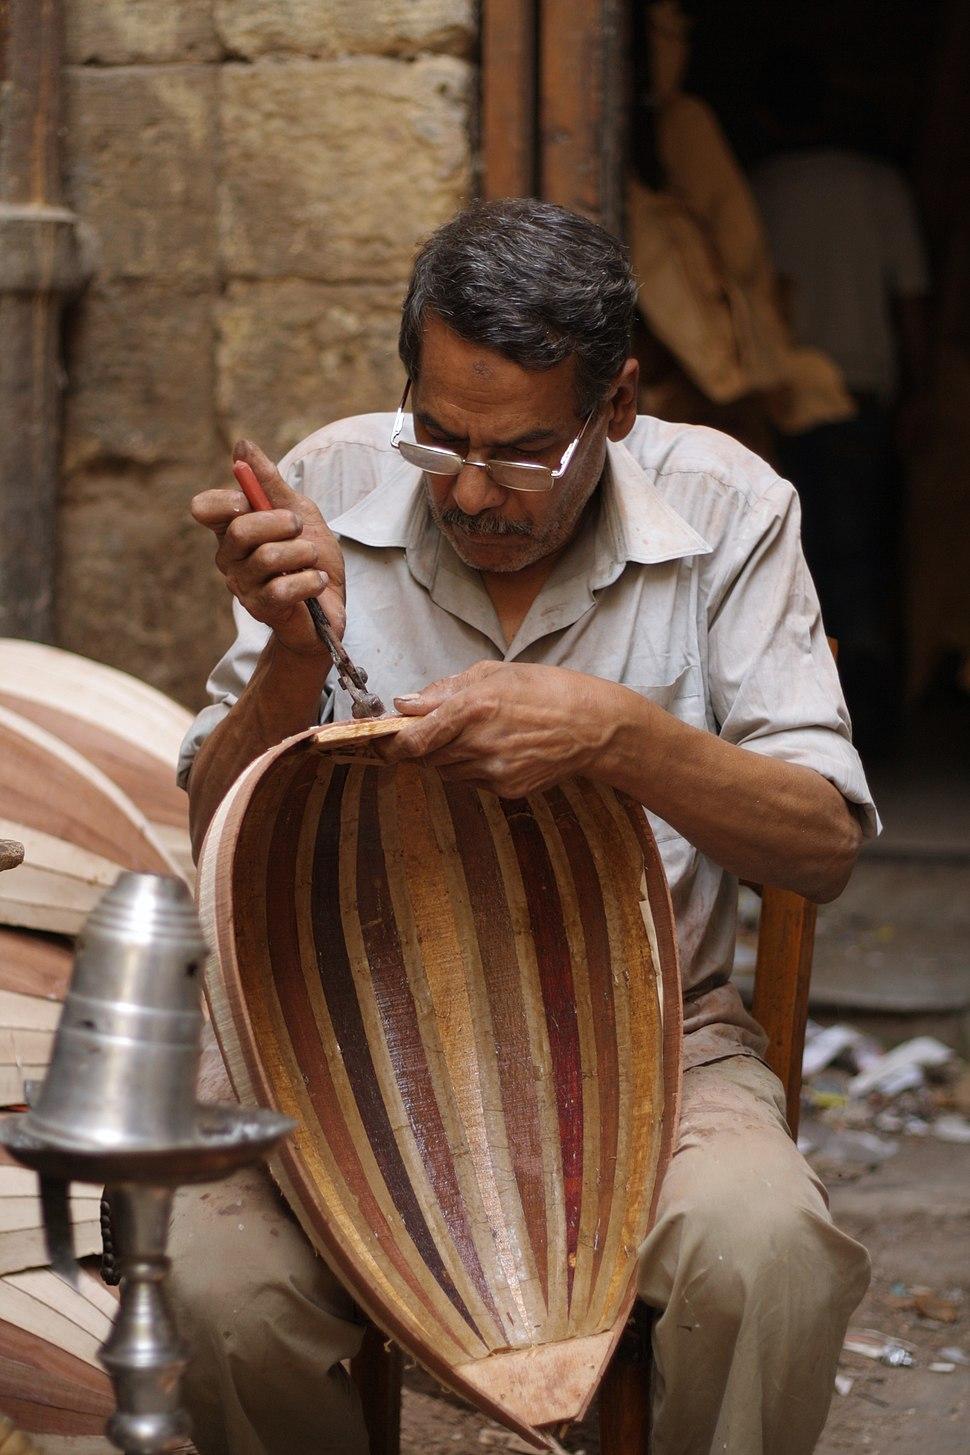 Oud maker at Mohamed Ali Street in Cairo, Egypt